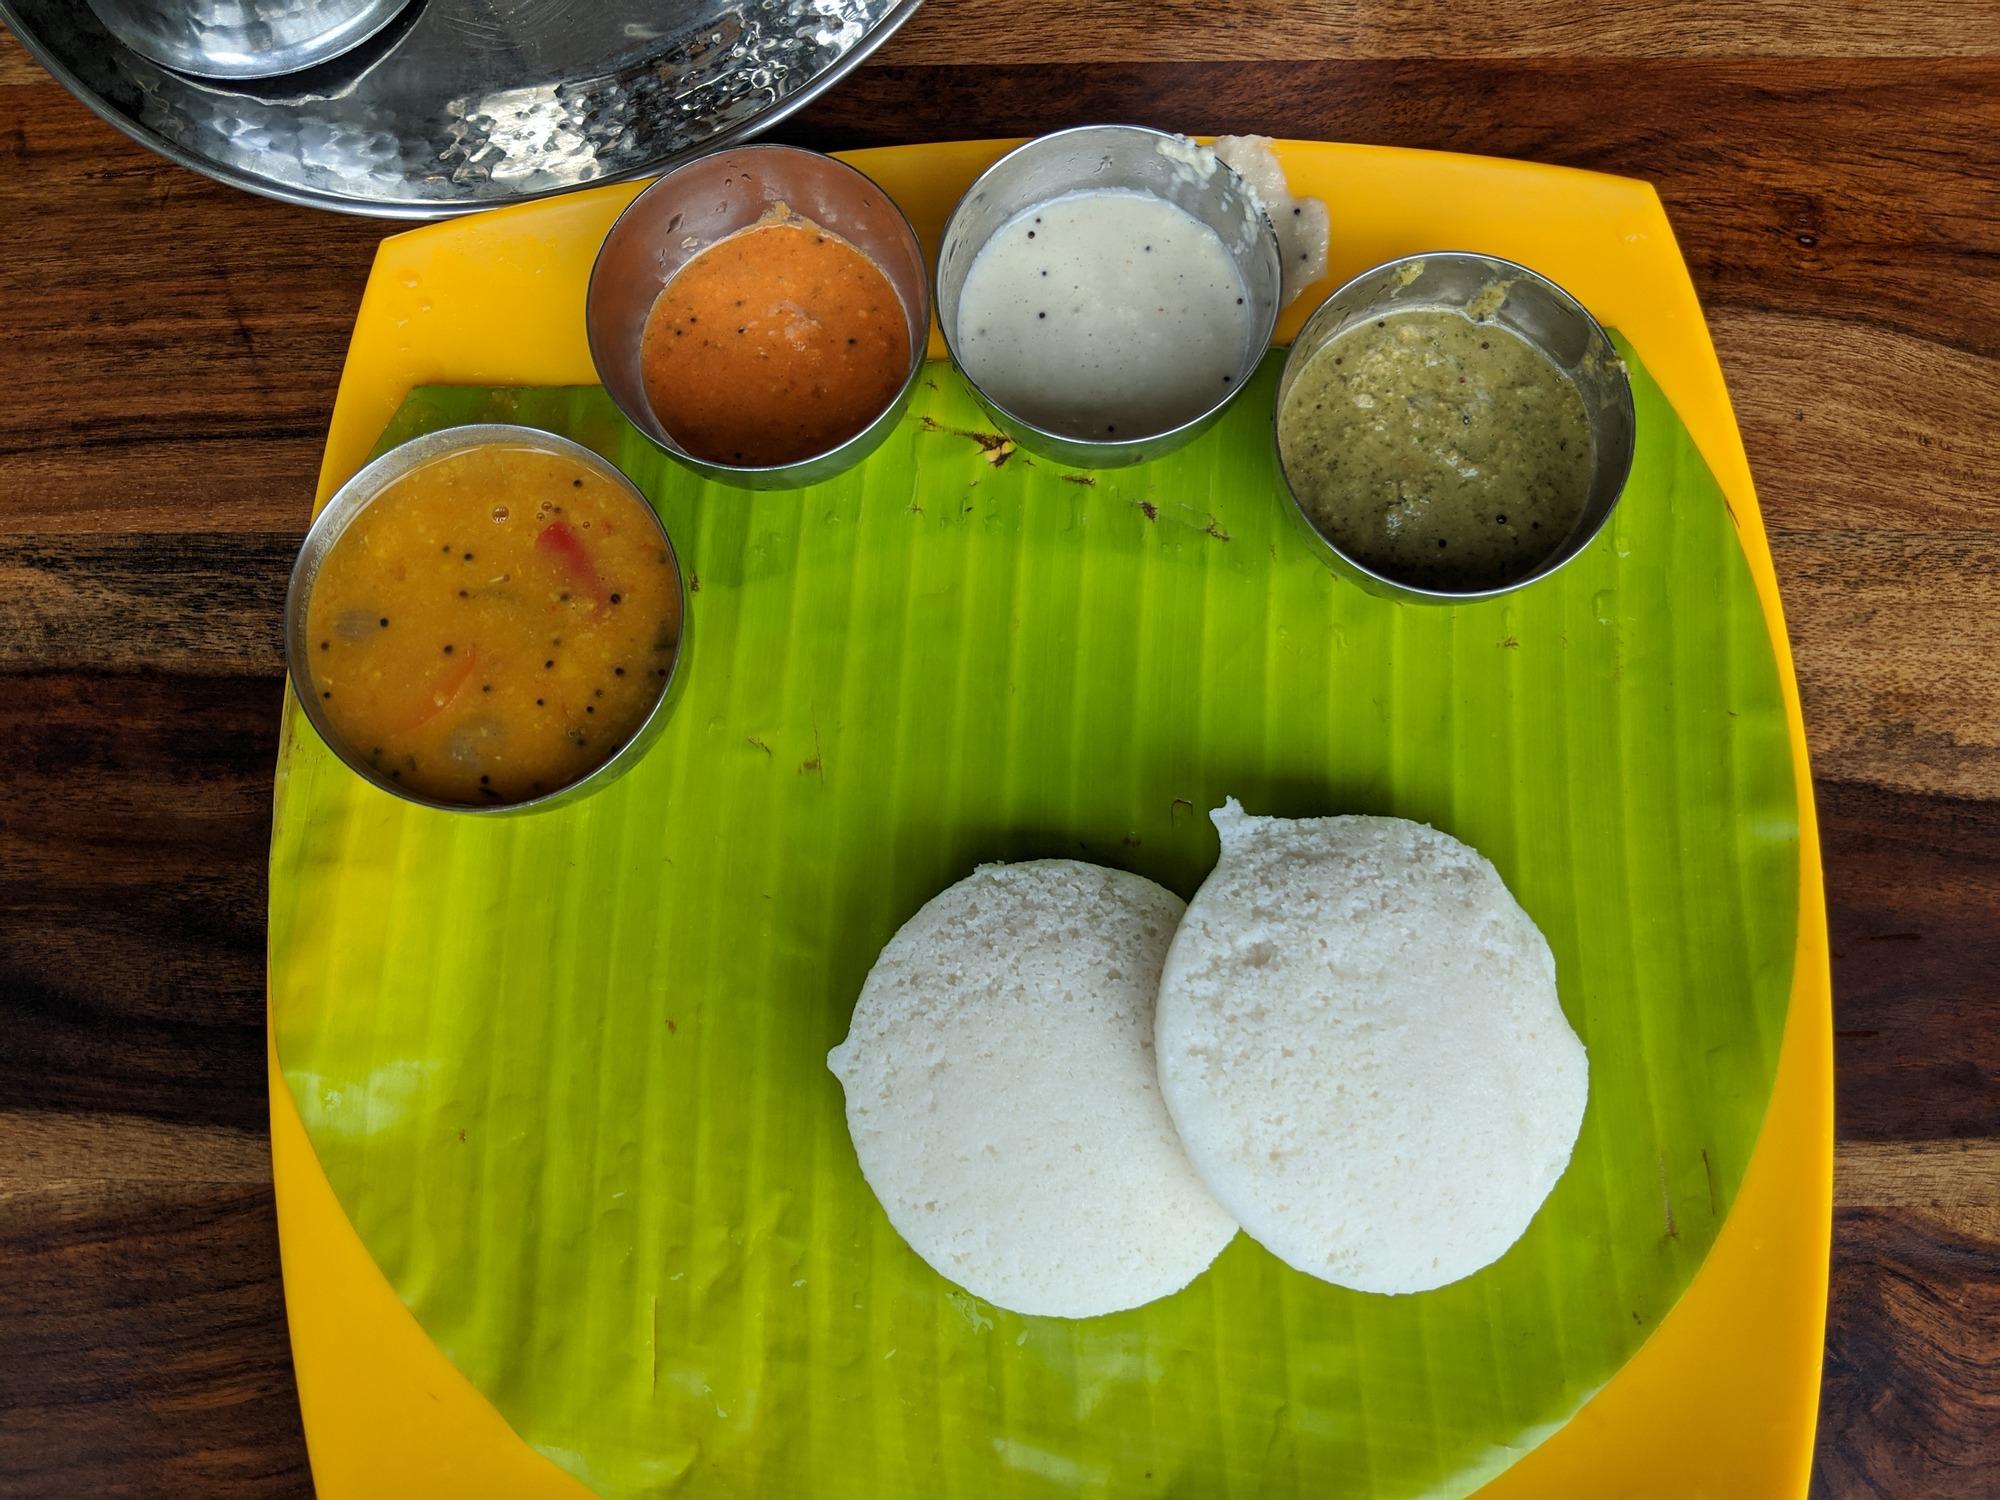 Idli (இட்லி) with Sambar, Tomato Chutney (தக்காளி சட்டினி), Coconut Chutney (தேங்காய் சட்டினி) and Coriander Chutney (கொத்தமல்லி சட்டினி).